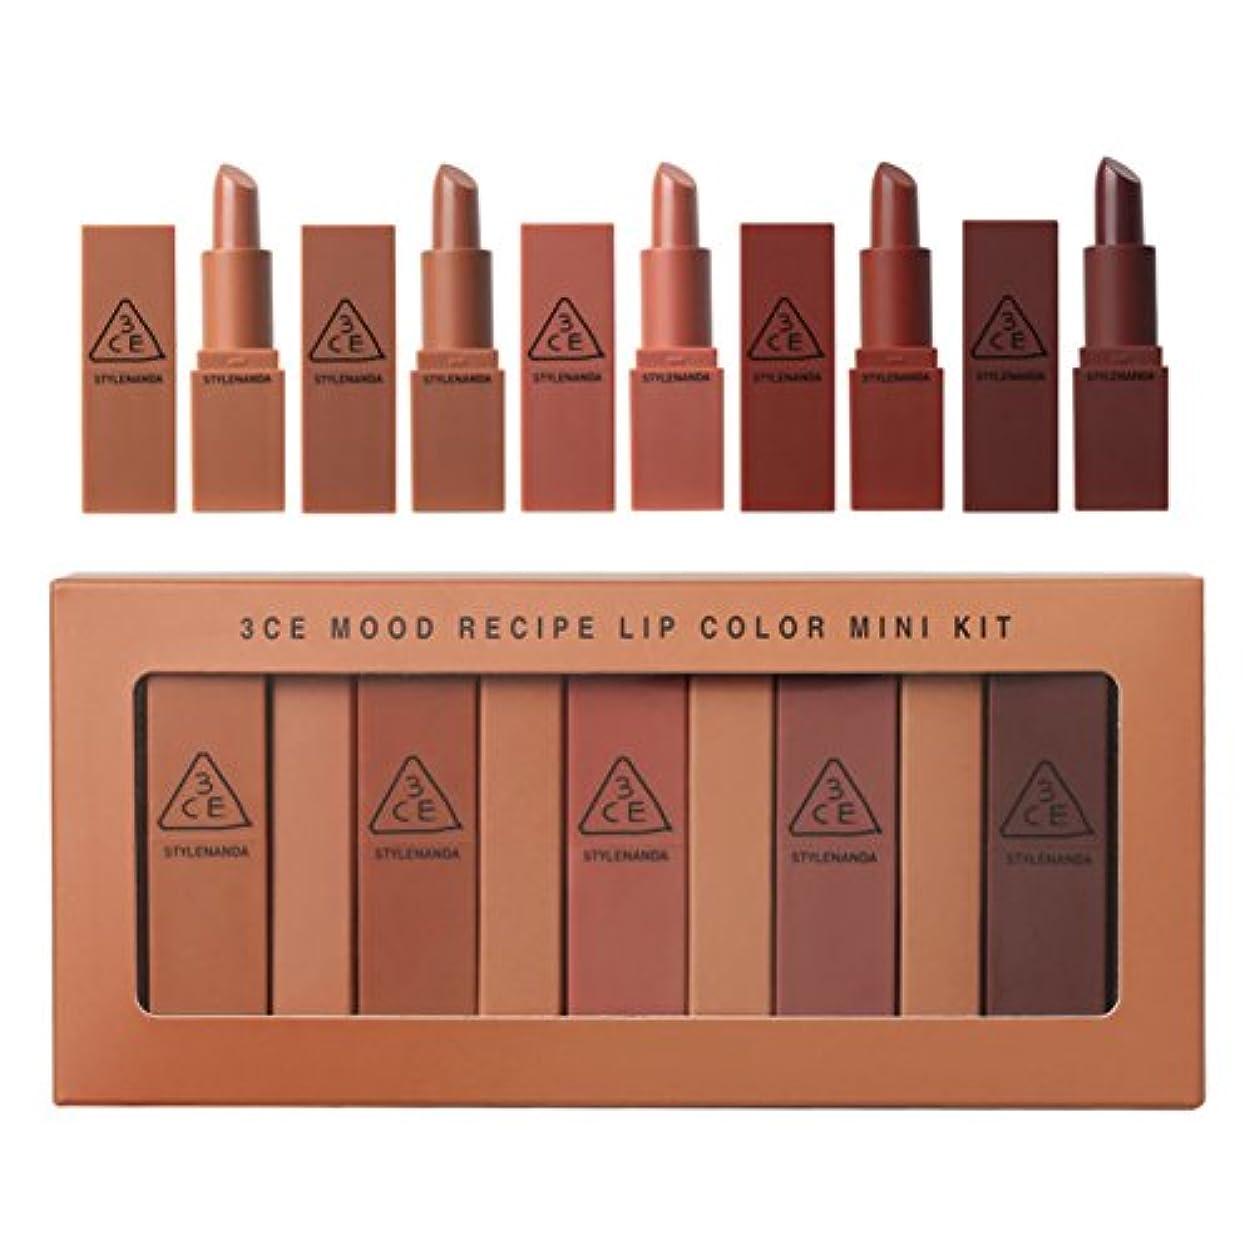 バストアナロジー途方もない3CE mood recipe lip color mini kit 3CE ムードレシピ リップ カラー ミニ キット[並行輸入品]